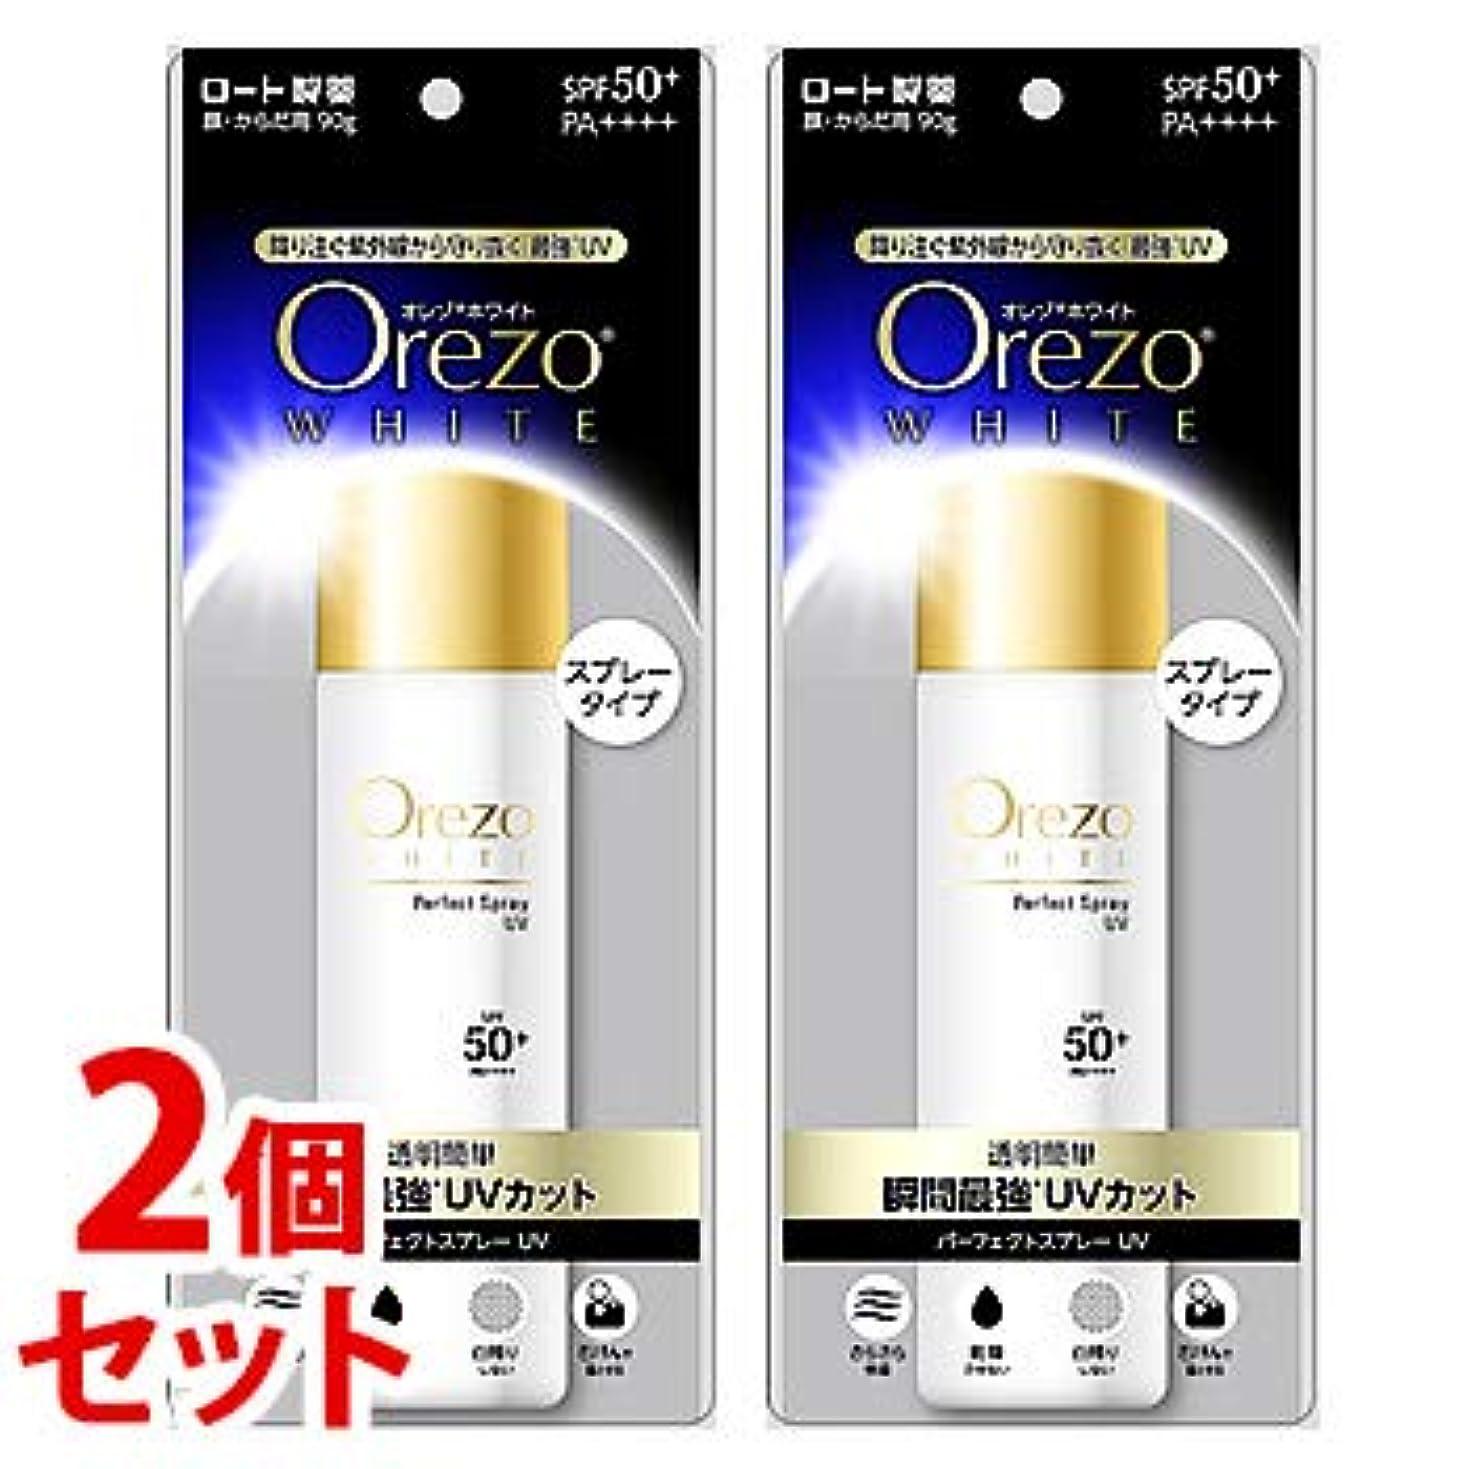 エチケットゴールドトリプル《セット販売》 ロート製薬 Orezo オレゾ ホワイト パーフェクトスプレーUV SPF50+ PA++++ (90g)×2個セット 顔?からだ用 日やけ止め スプレータイプ